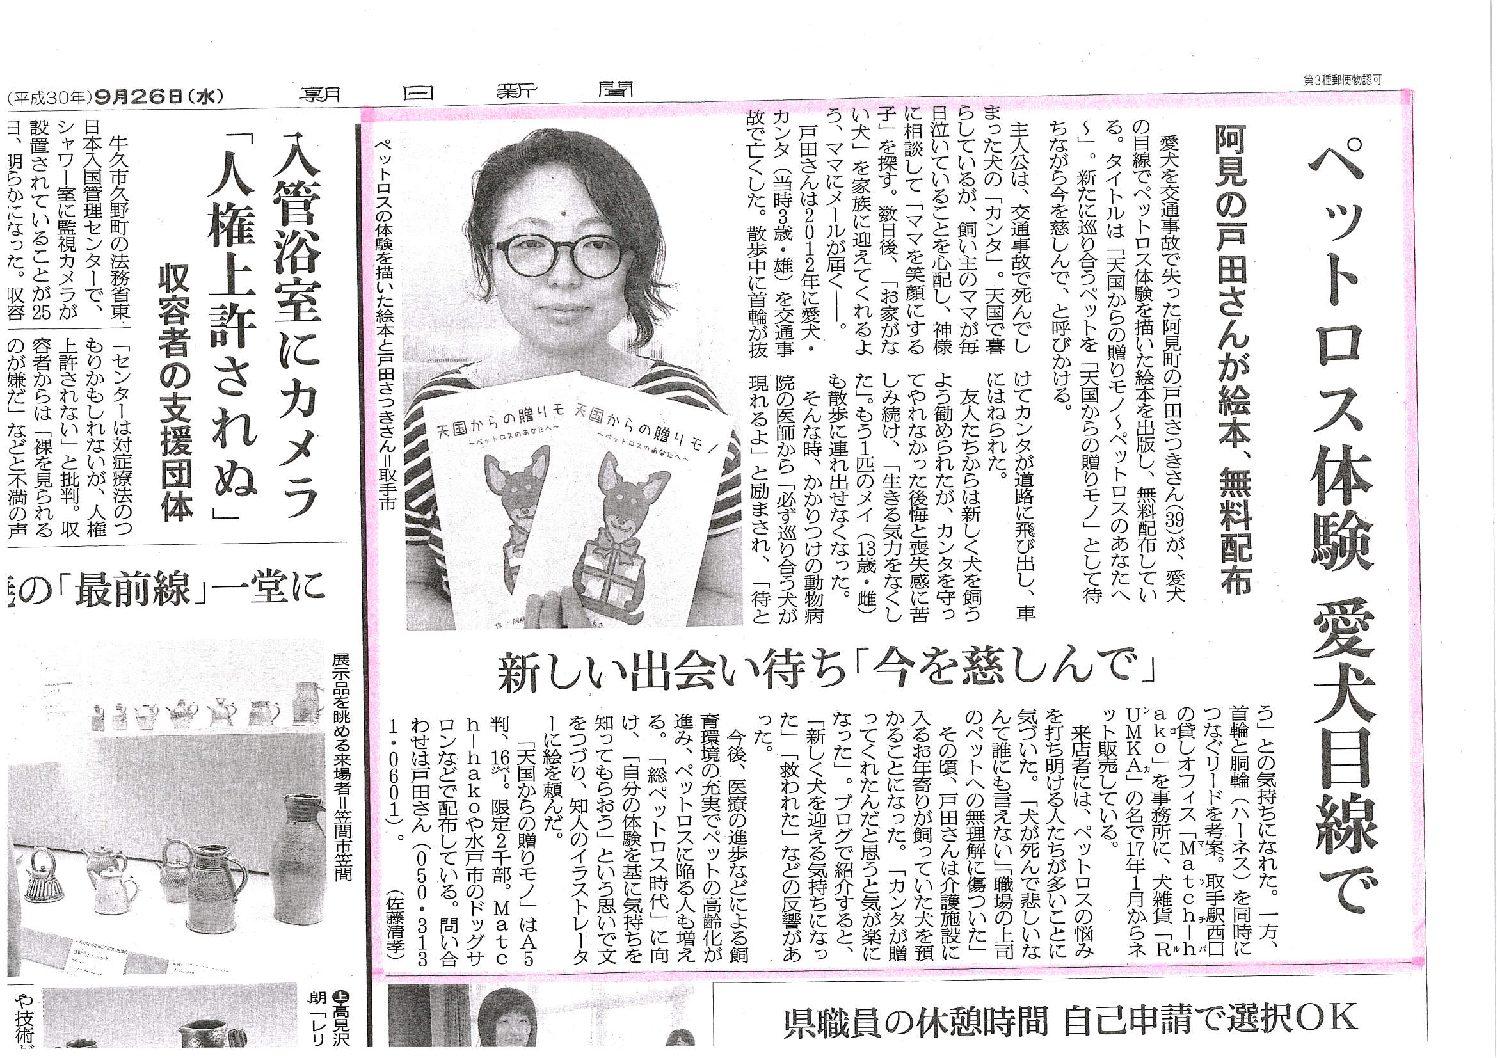 Match-hako会員 RUMKA 戸田さつき様が朝日新聞に掲載されました!